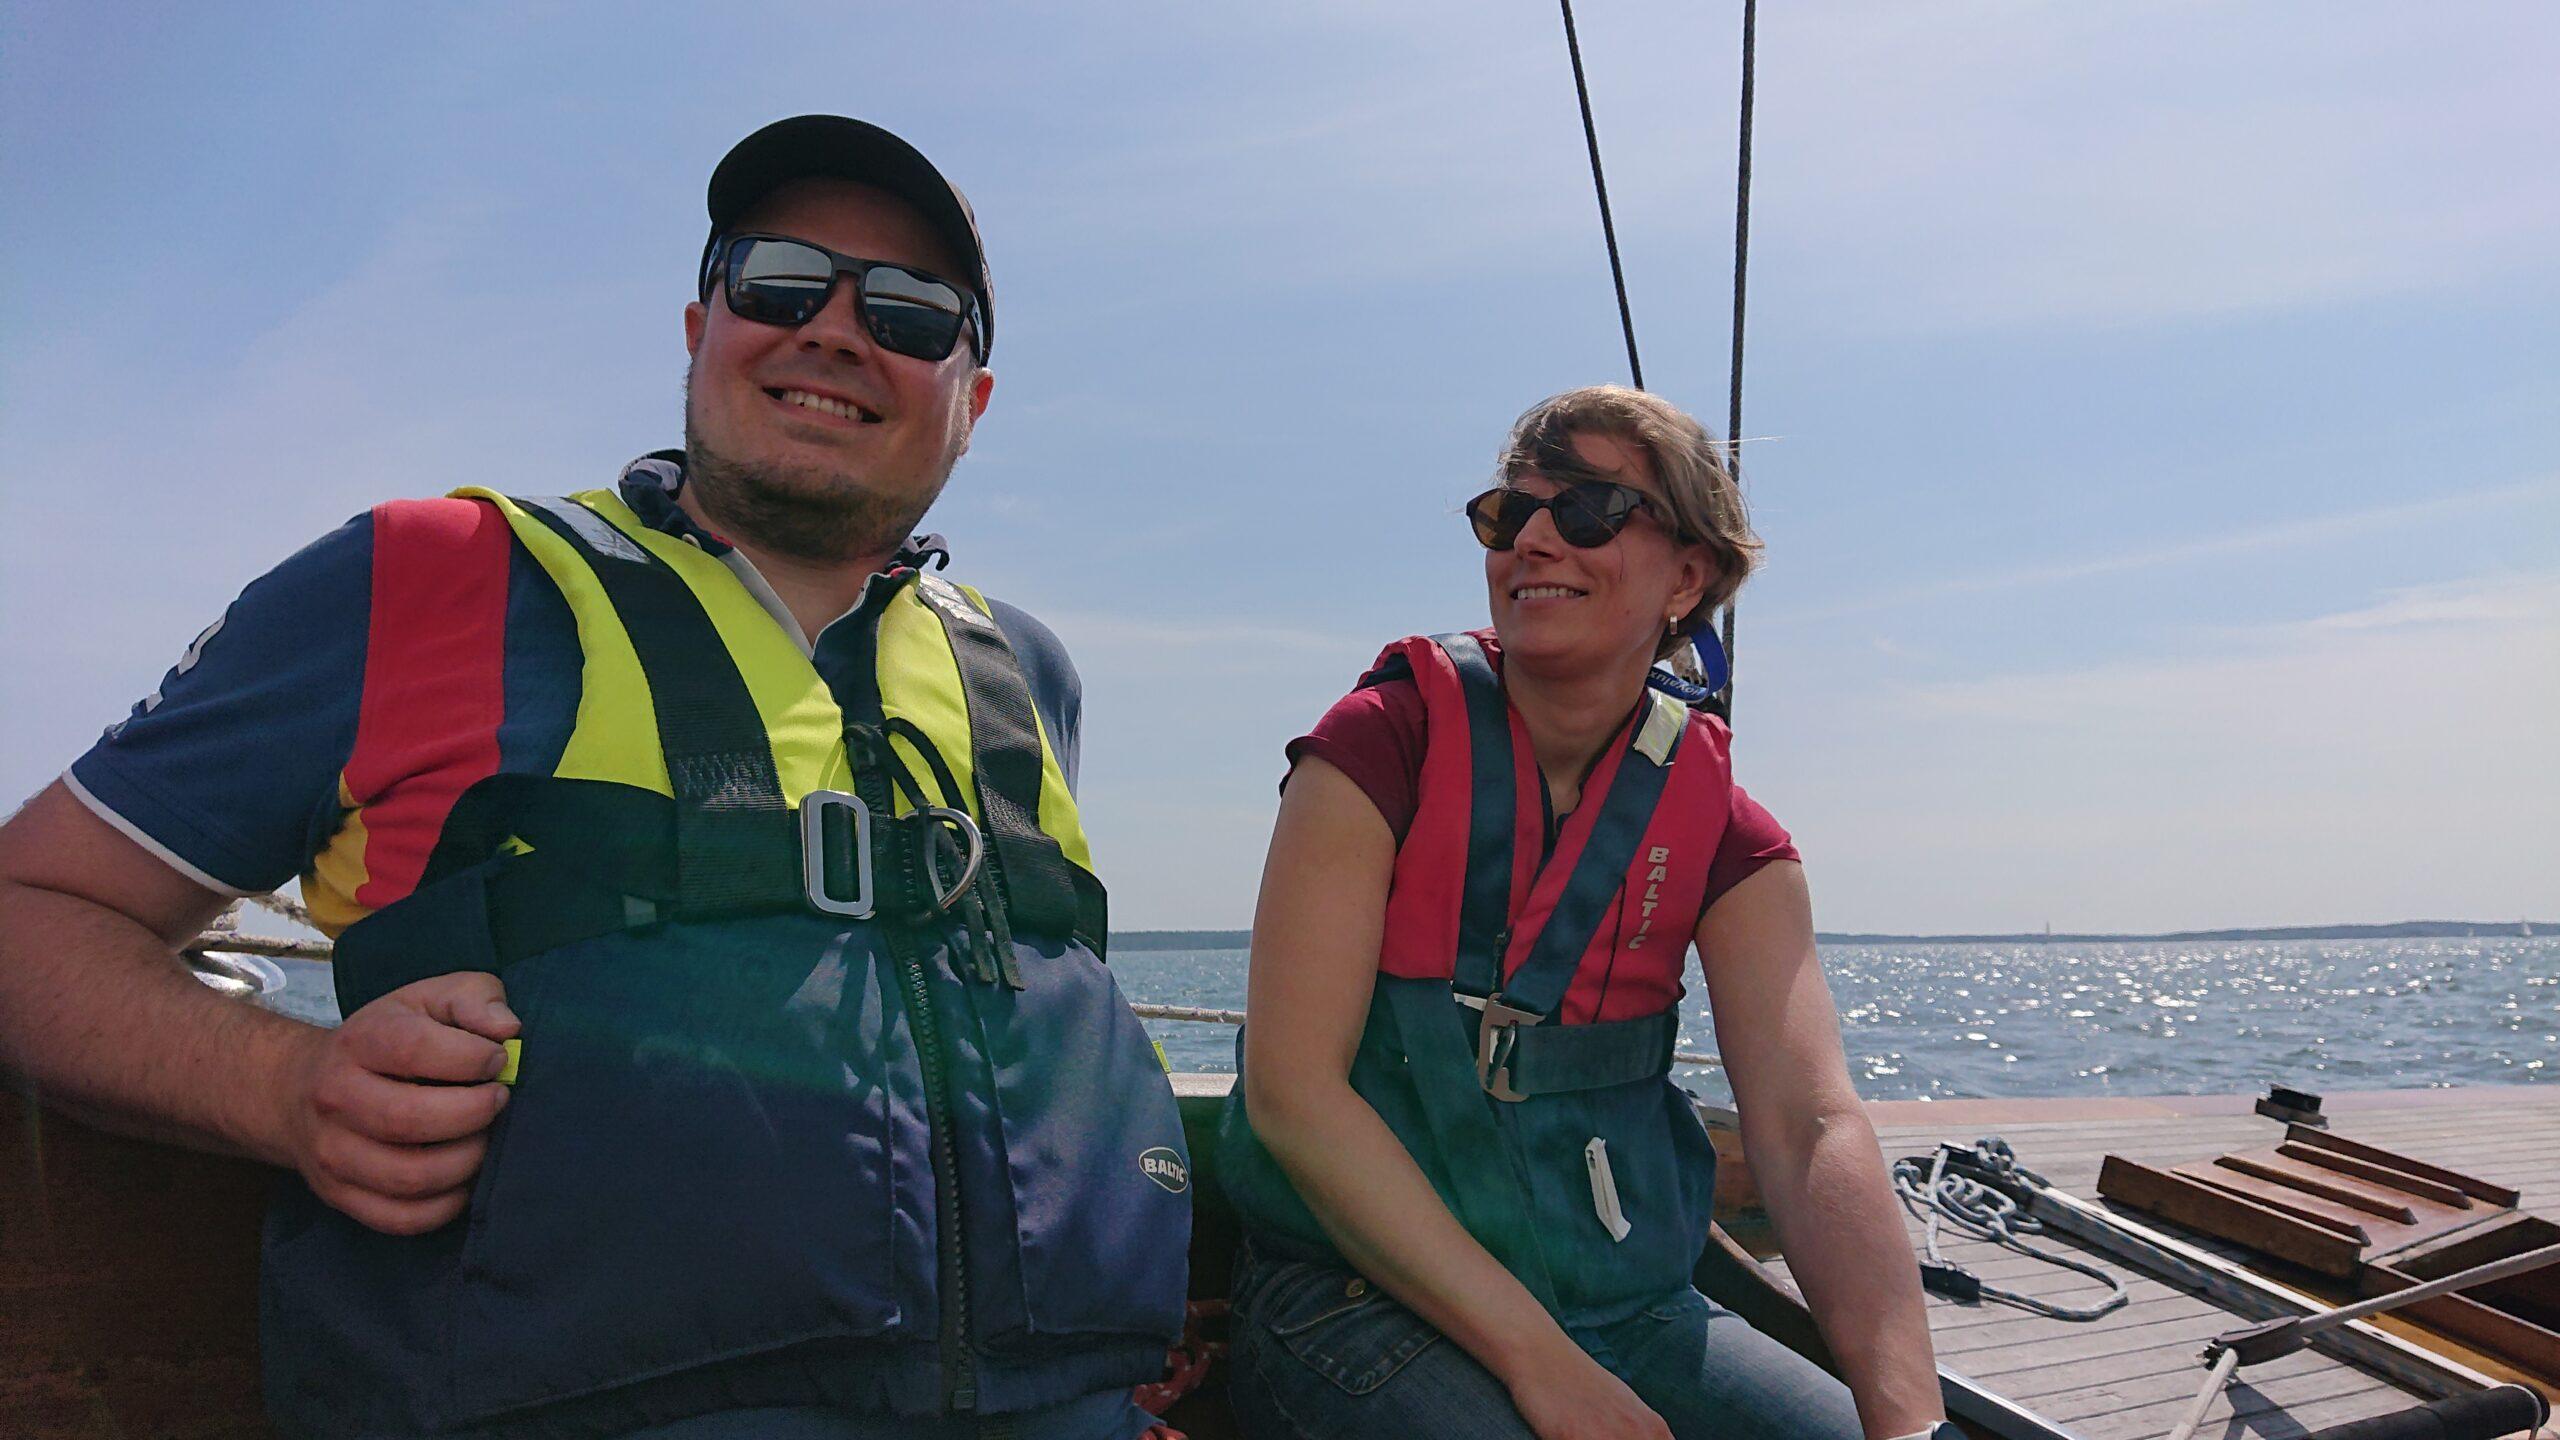 Barnen någonstans nere i båten, nu är det fritt fram för vår segling... Foto © Magnus Swahn